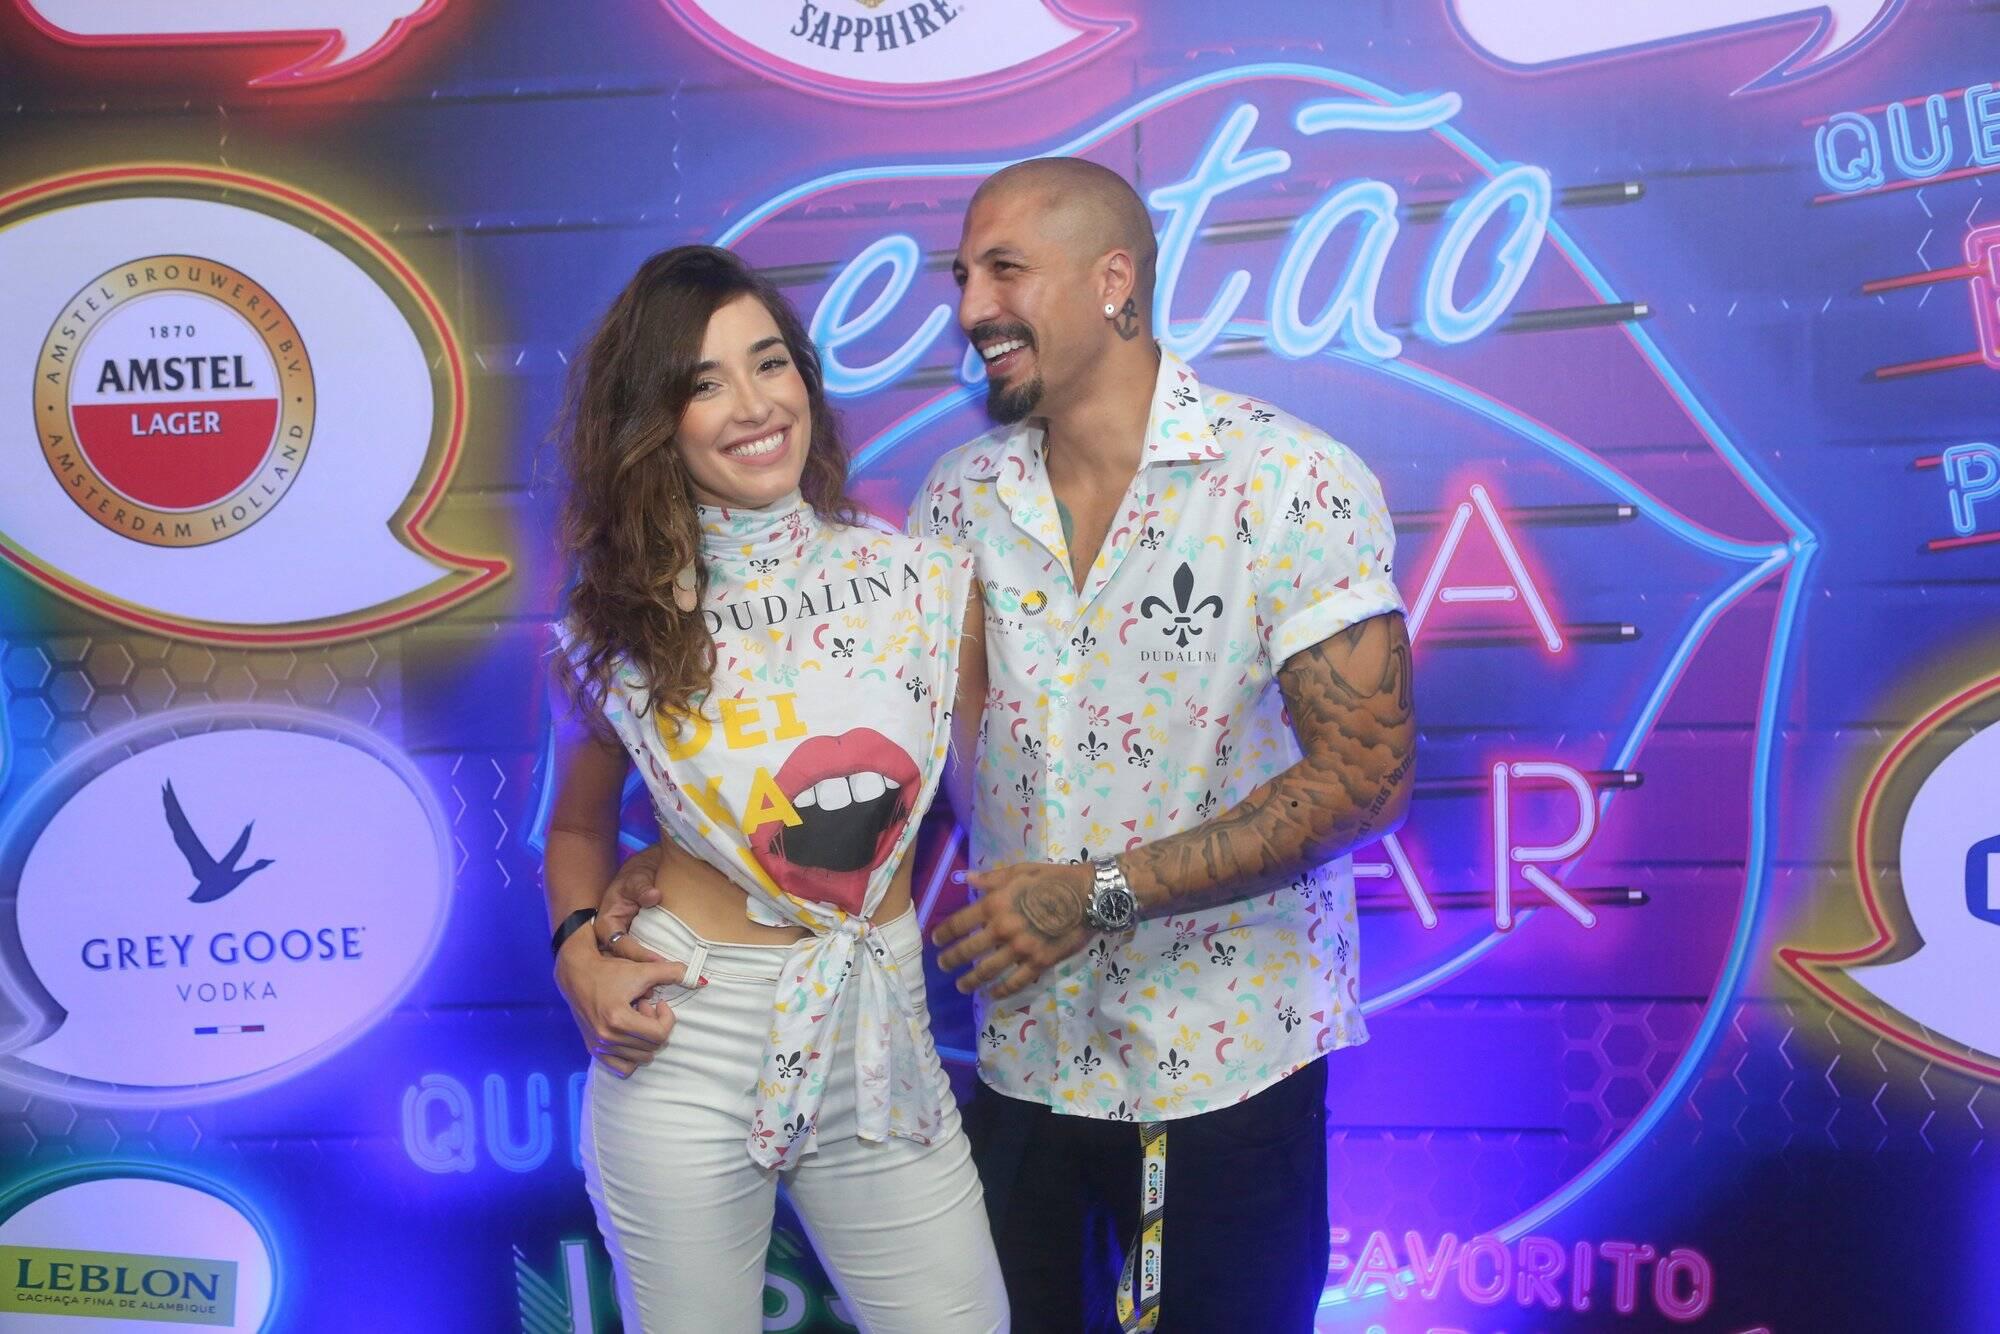 Fernando Medeiros e Carol Alves comemorando o carnaval na última sexta (09). Foto: RT Fotografia/ Brazil News/ CS Eventos Divulgacao